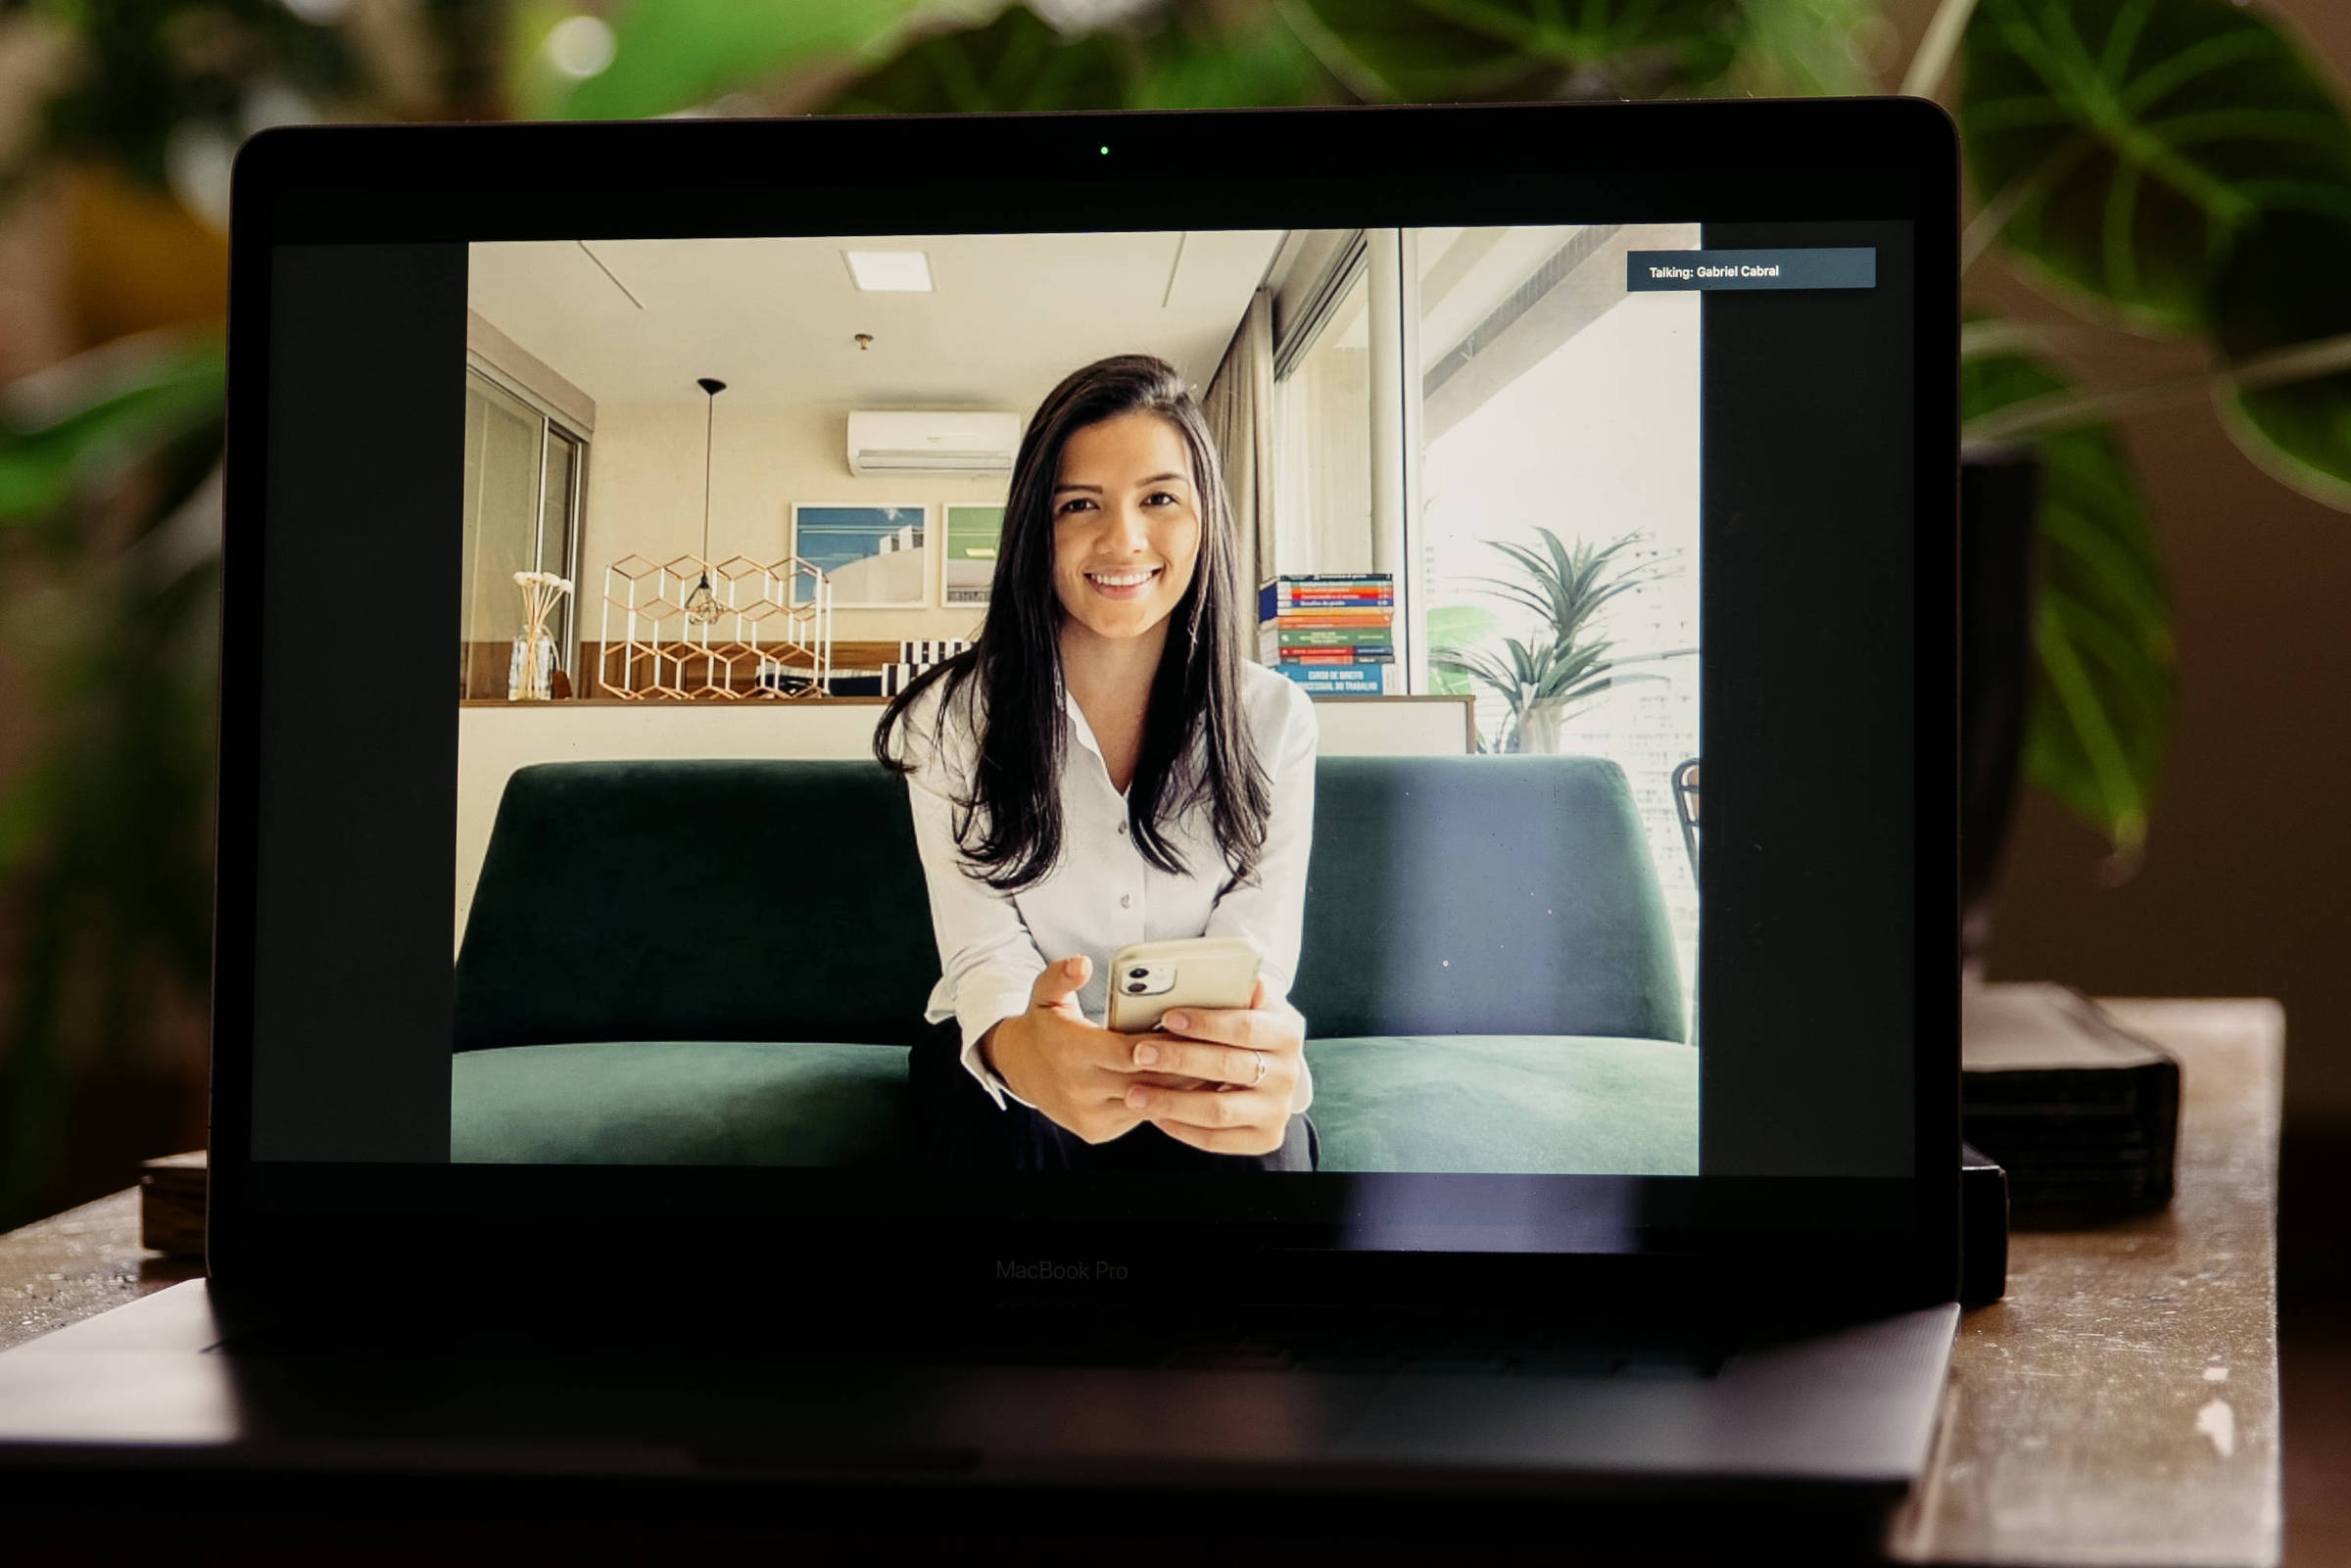 Tela de computador onde se vê mulher branca sorrindo e com braço esticado para segurar o celular com que se filma. Ao fundo ambiente de escritório